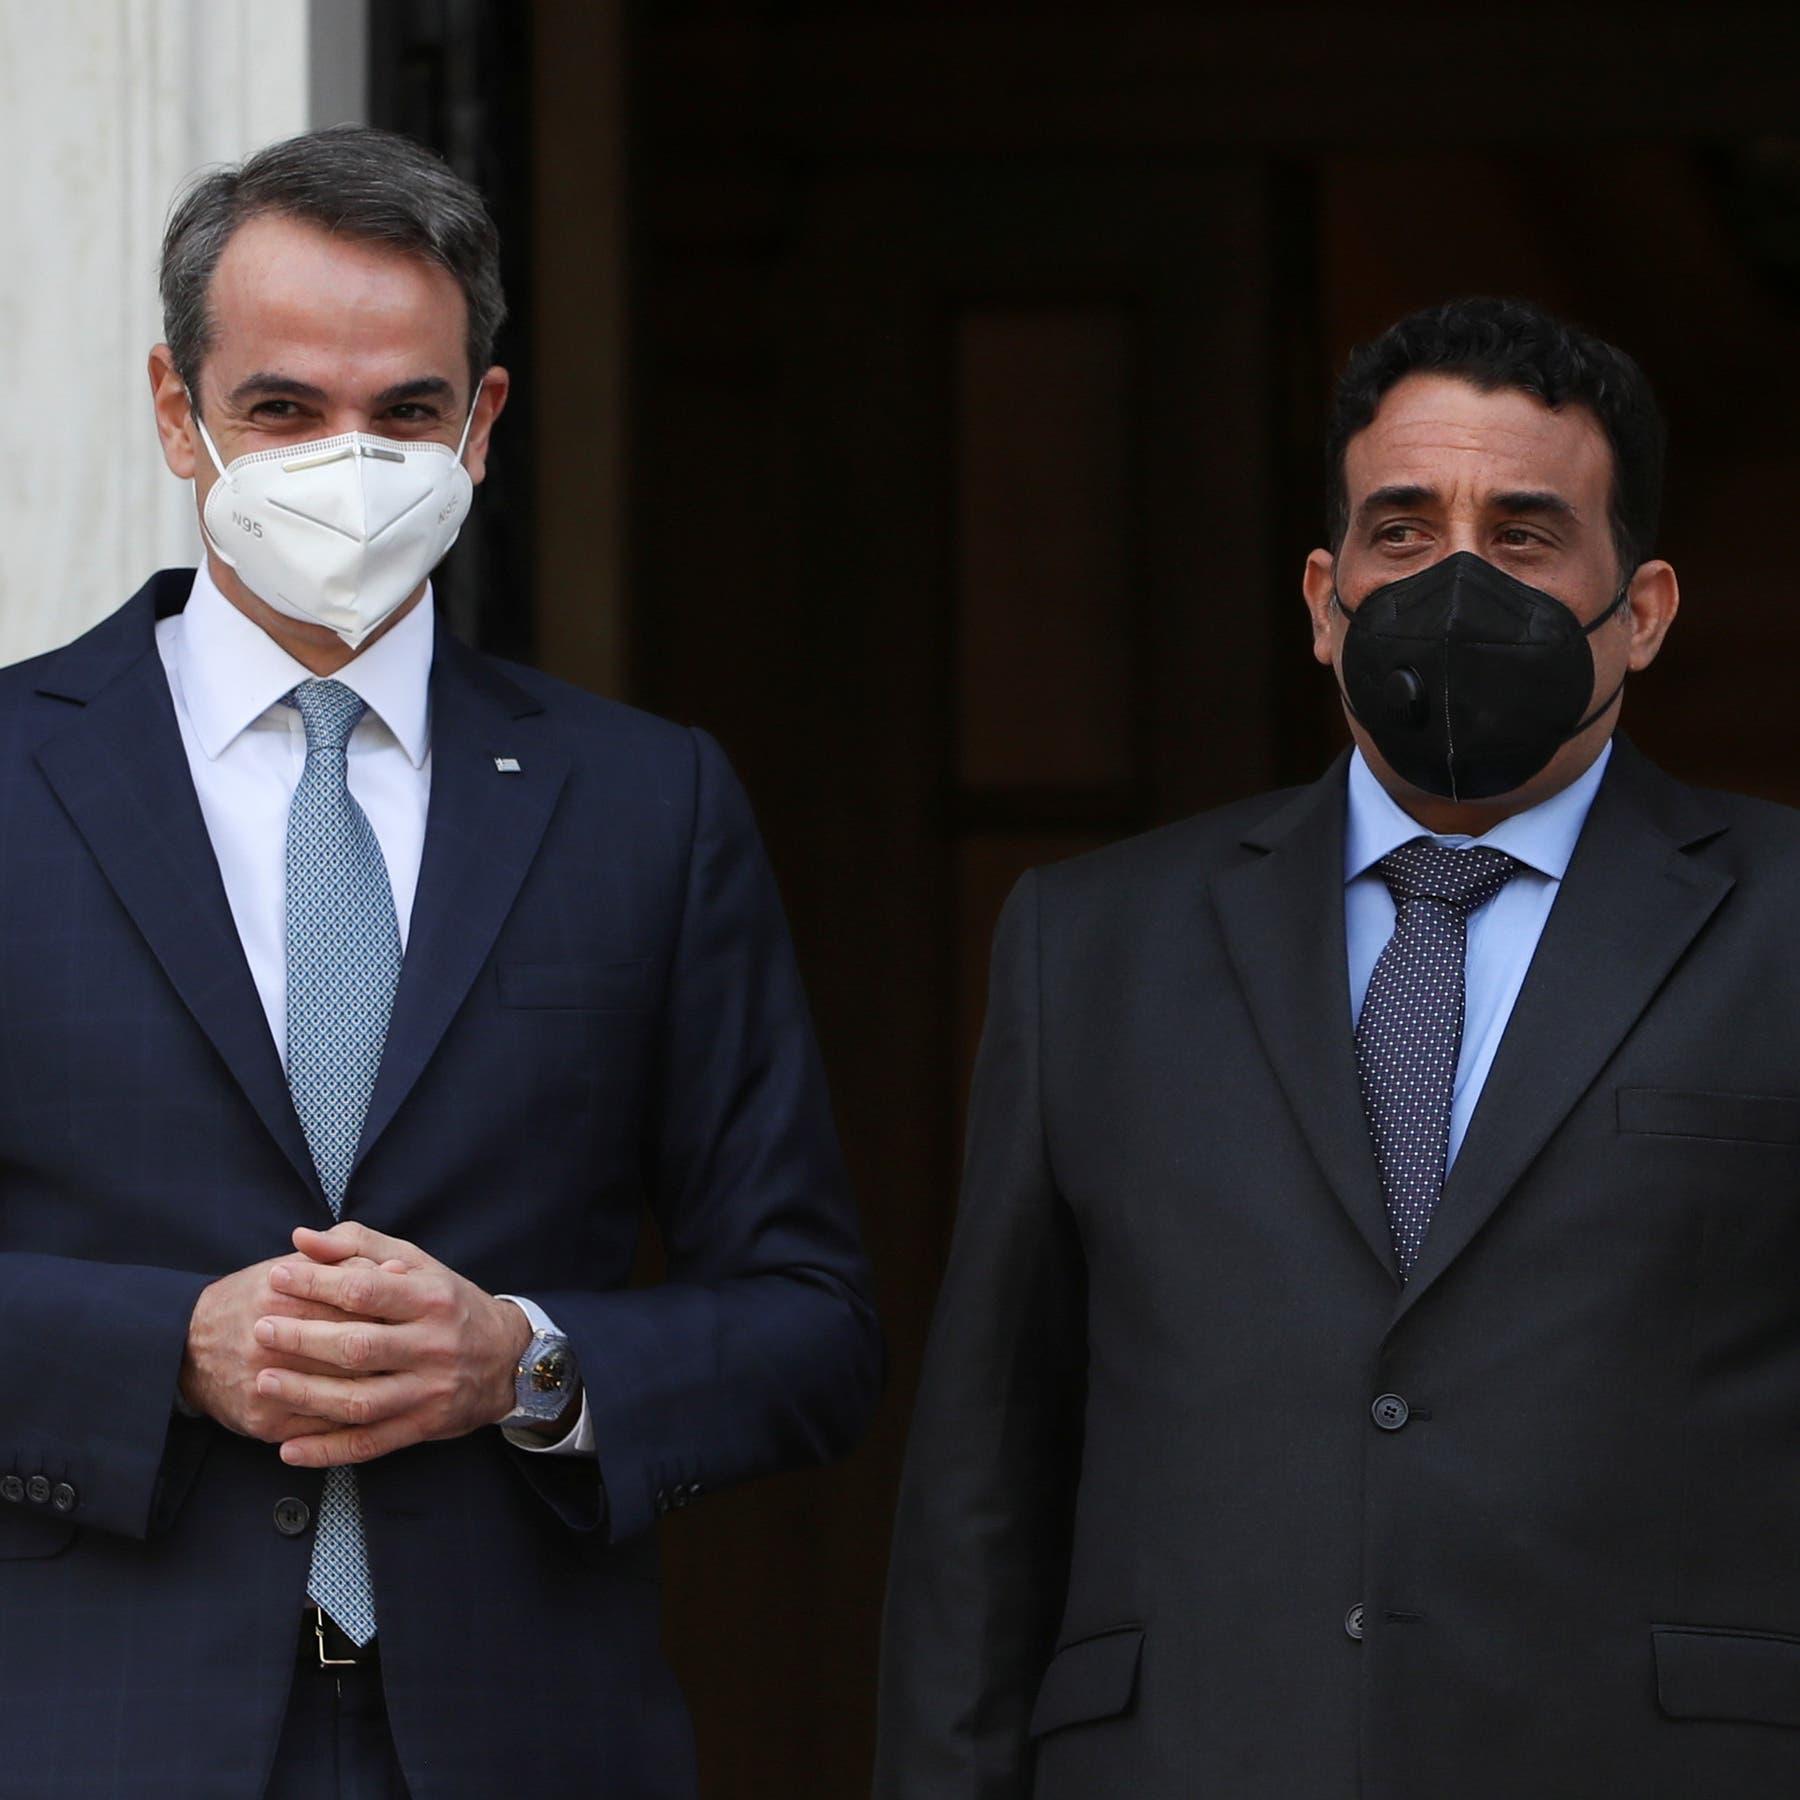 بعد اتفاق السراج وتركيا.. ليبيا تبدأ ترسيم حدودها مع اليونان